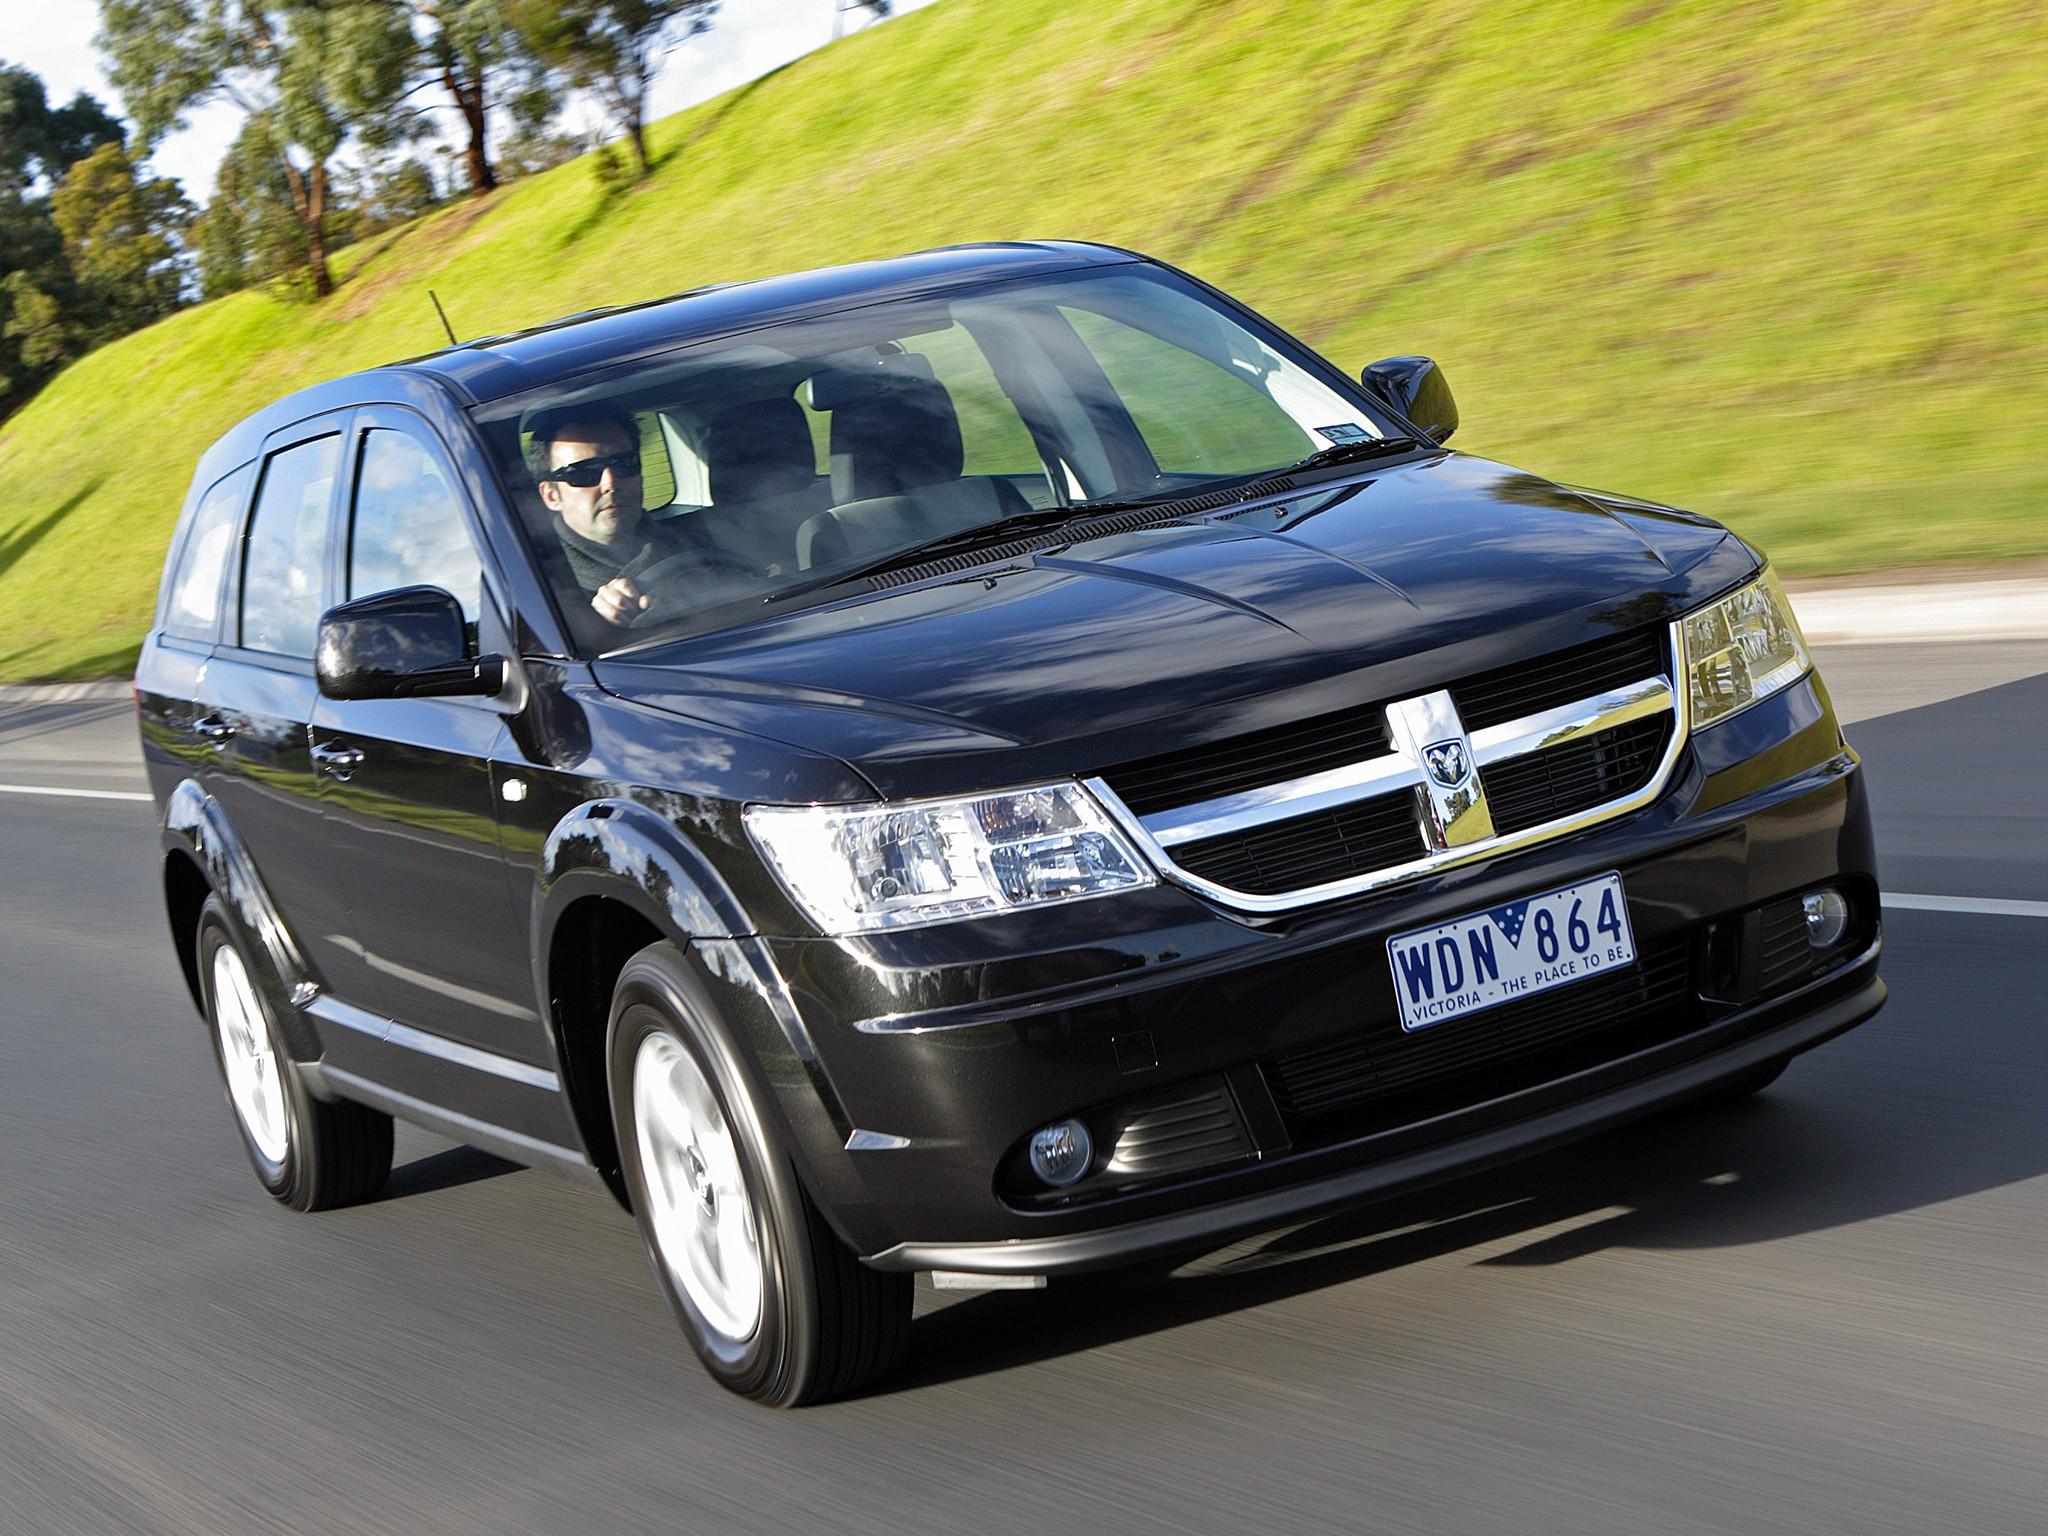 2008 Dodge Charger Sxt >> DODGE Journey specs & photos - 2008, 2009, 2010, 2011 - autoevolution